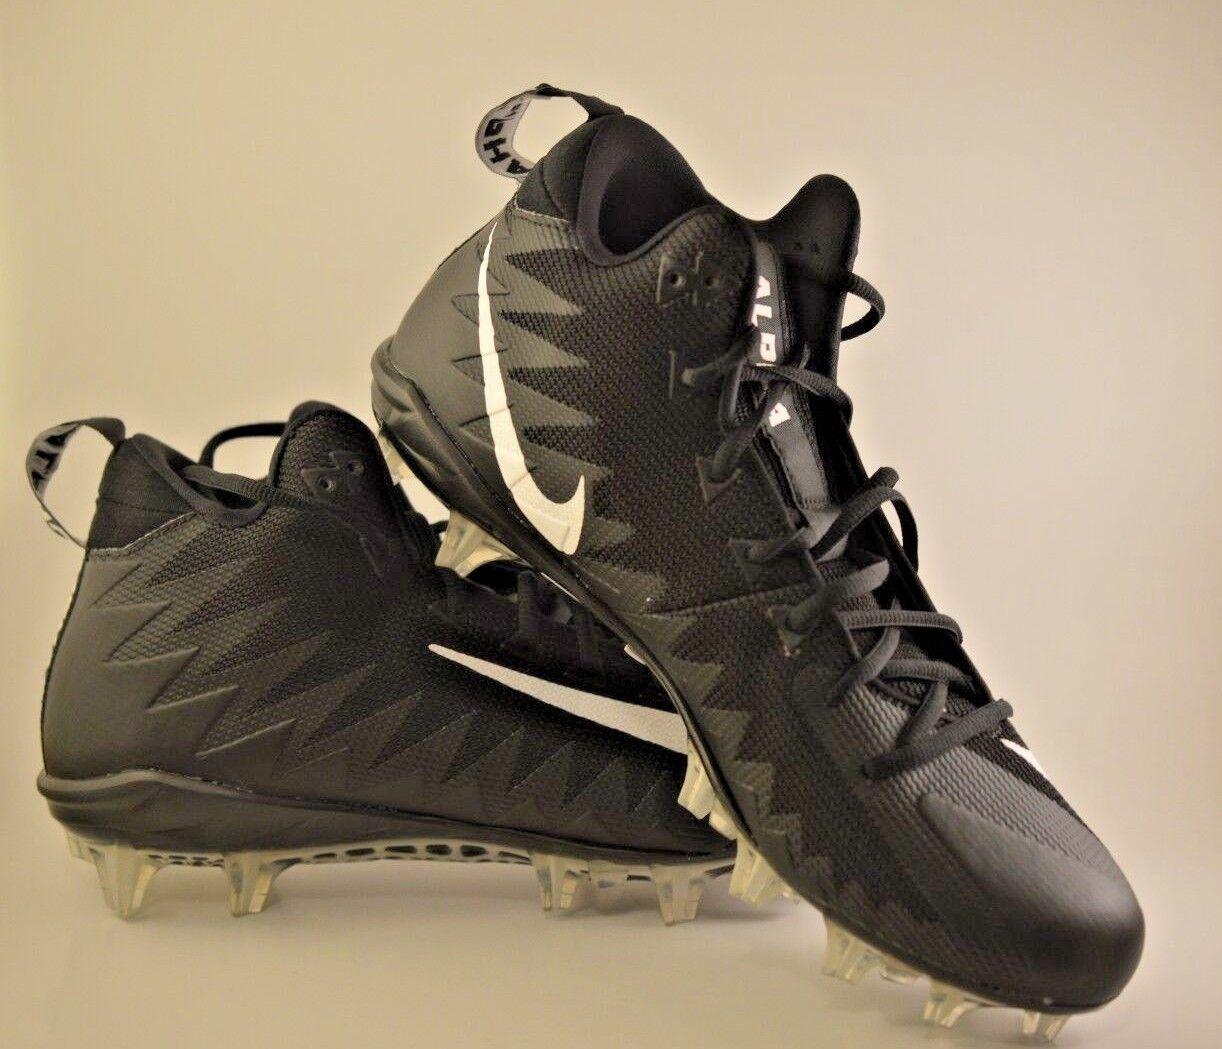 Nike alfa minaccia della met bianco 871451-010 e nero football scarpette 871451-010 bianco dimensioni noi 11 542199